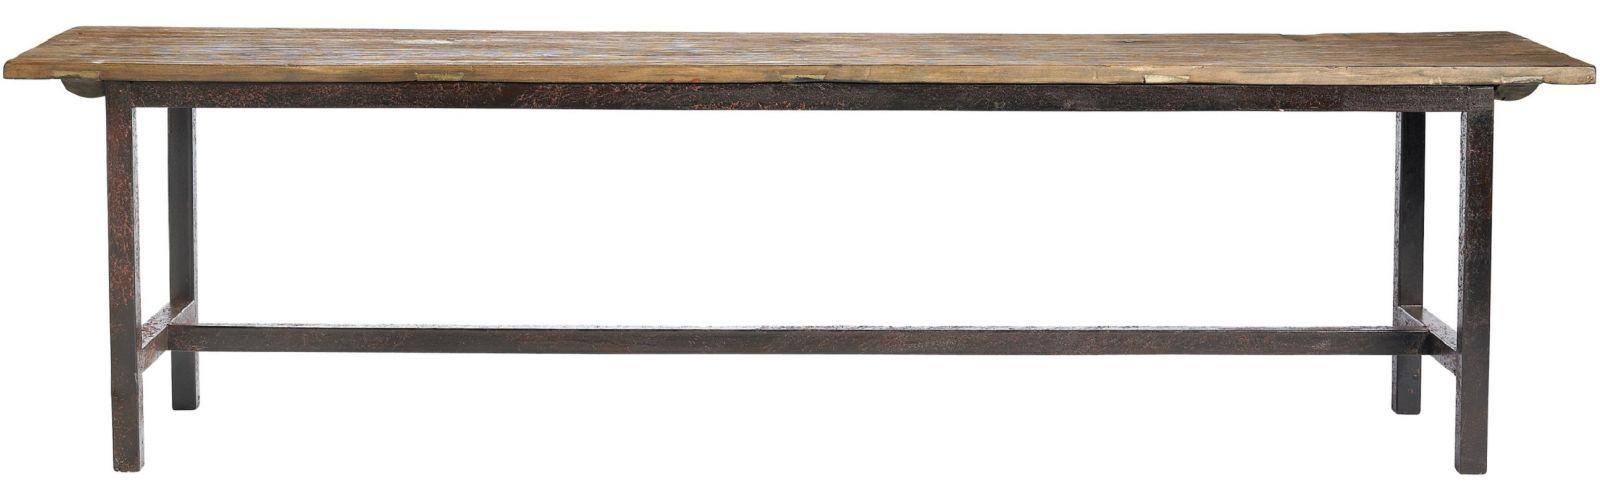 Nordal Raw Benk - Lengde 100 cm